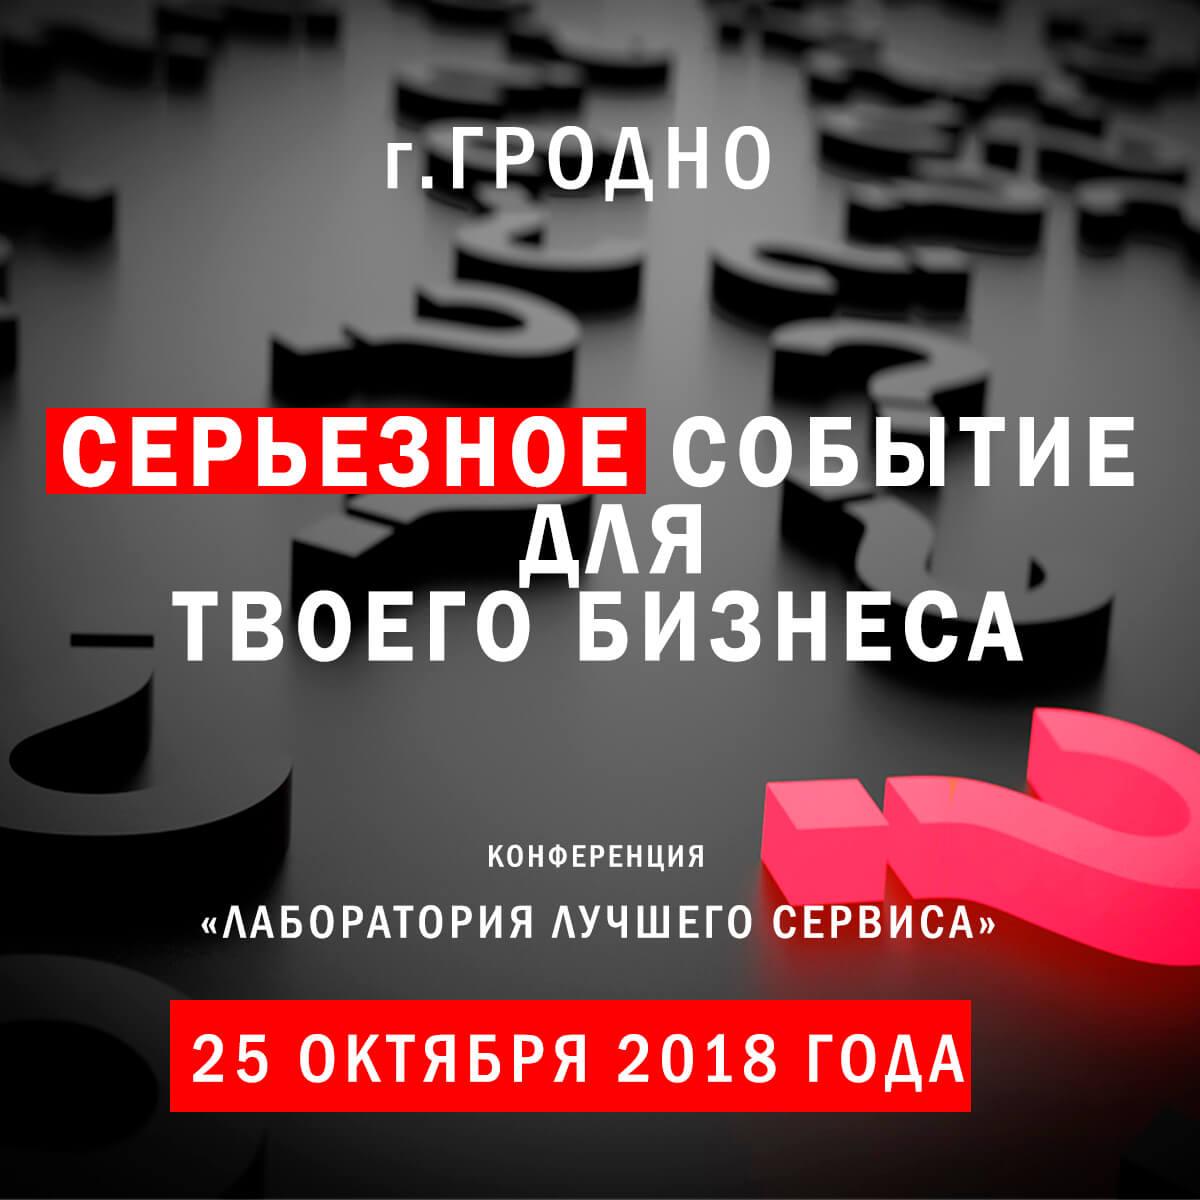 Конференция 25 октября 2018 года